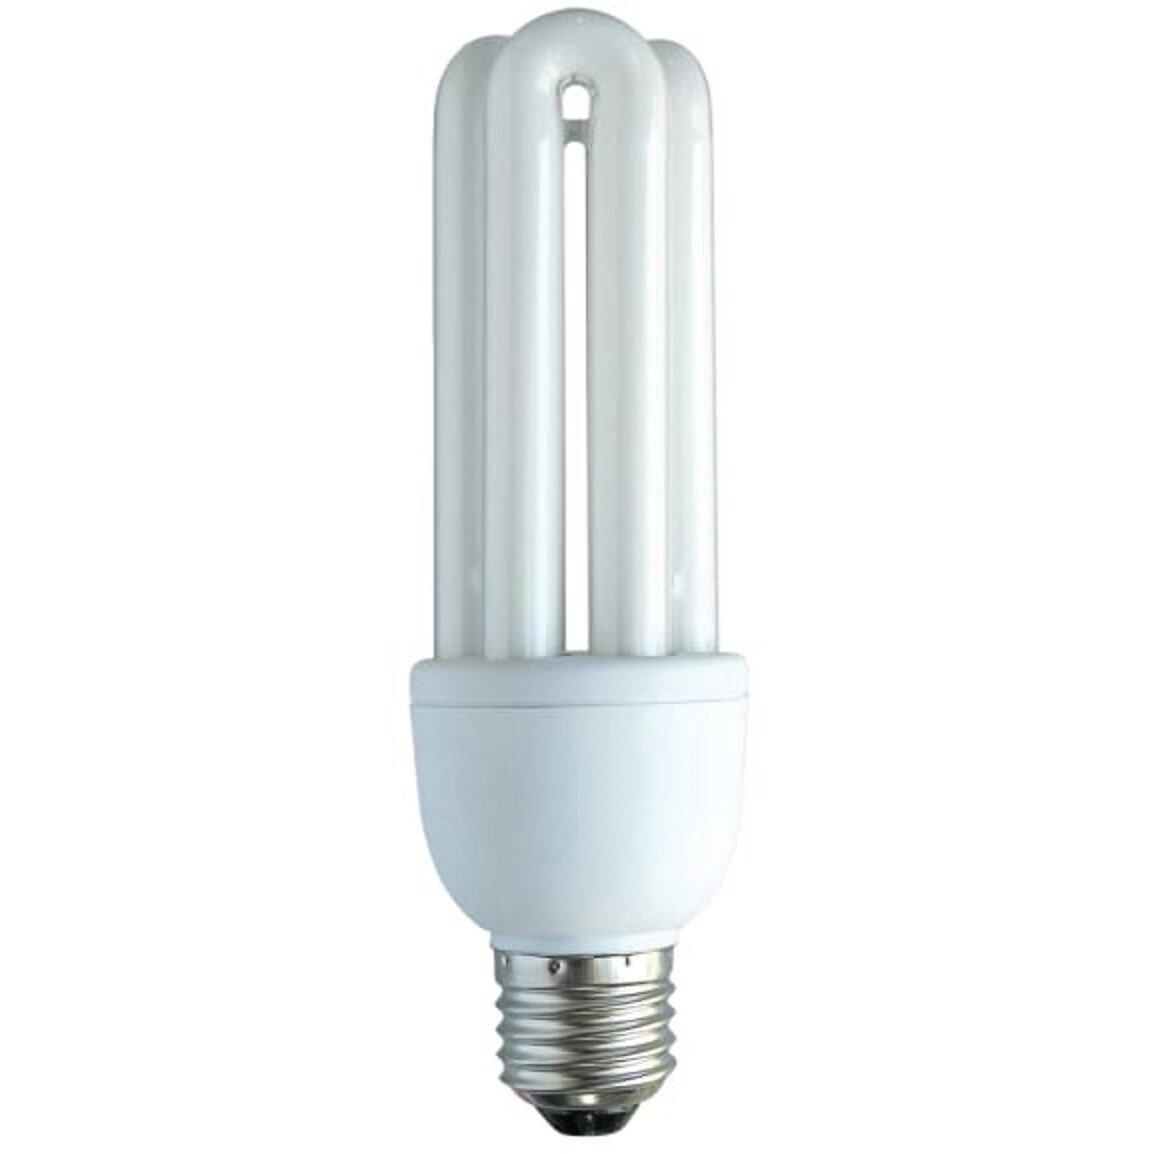 Faithfull FPPSLB3UL Low Energy Lightbulb 3u E27 110 Volt 13 Watt